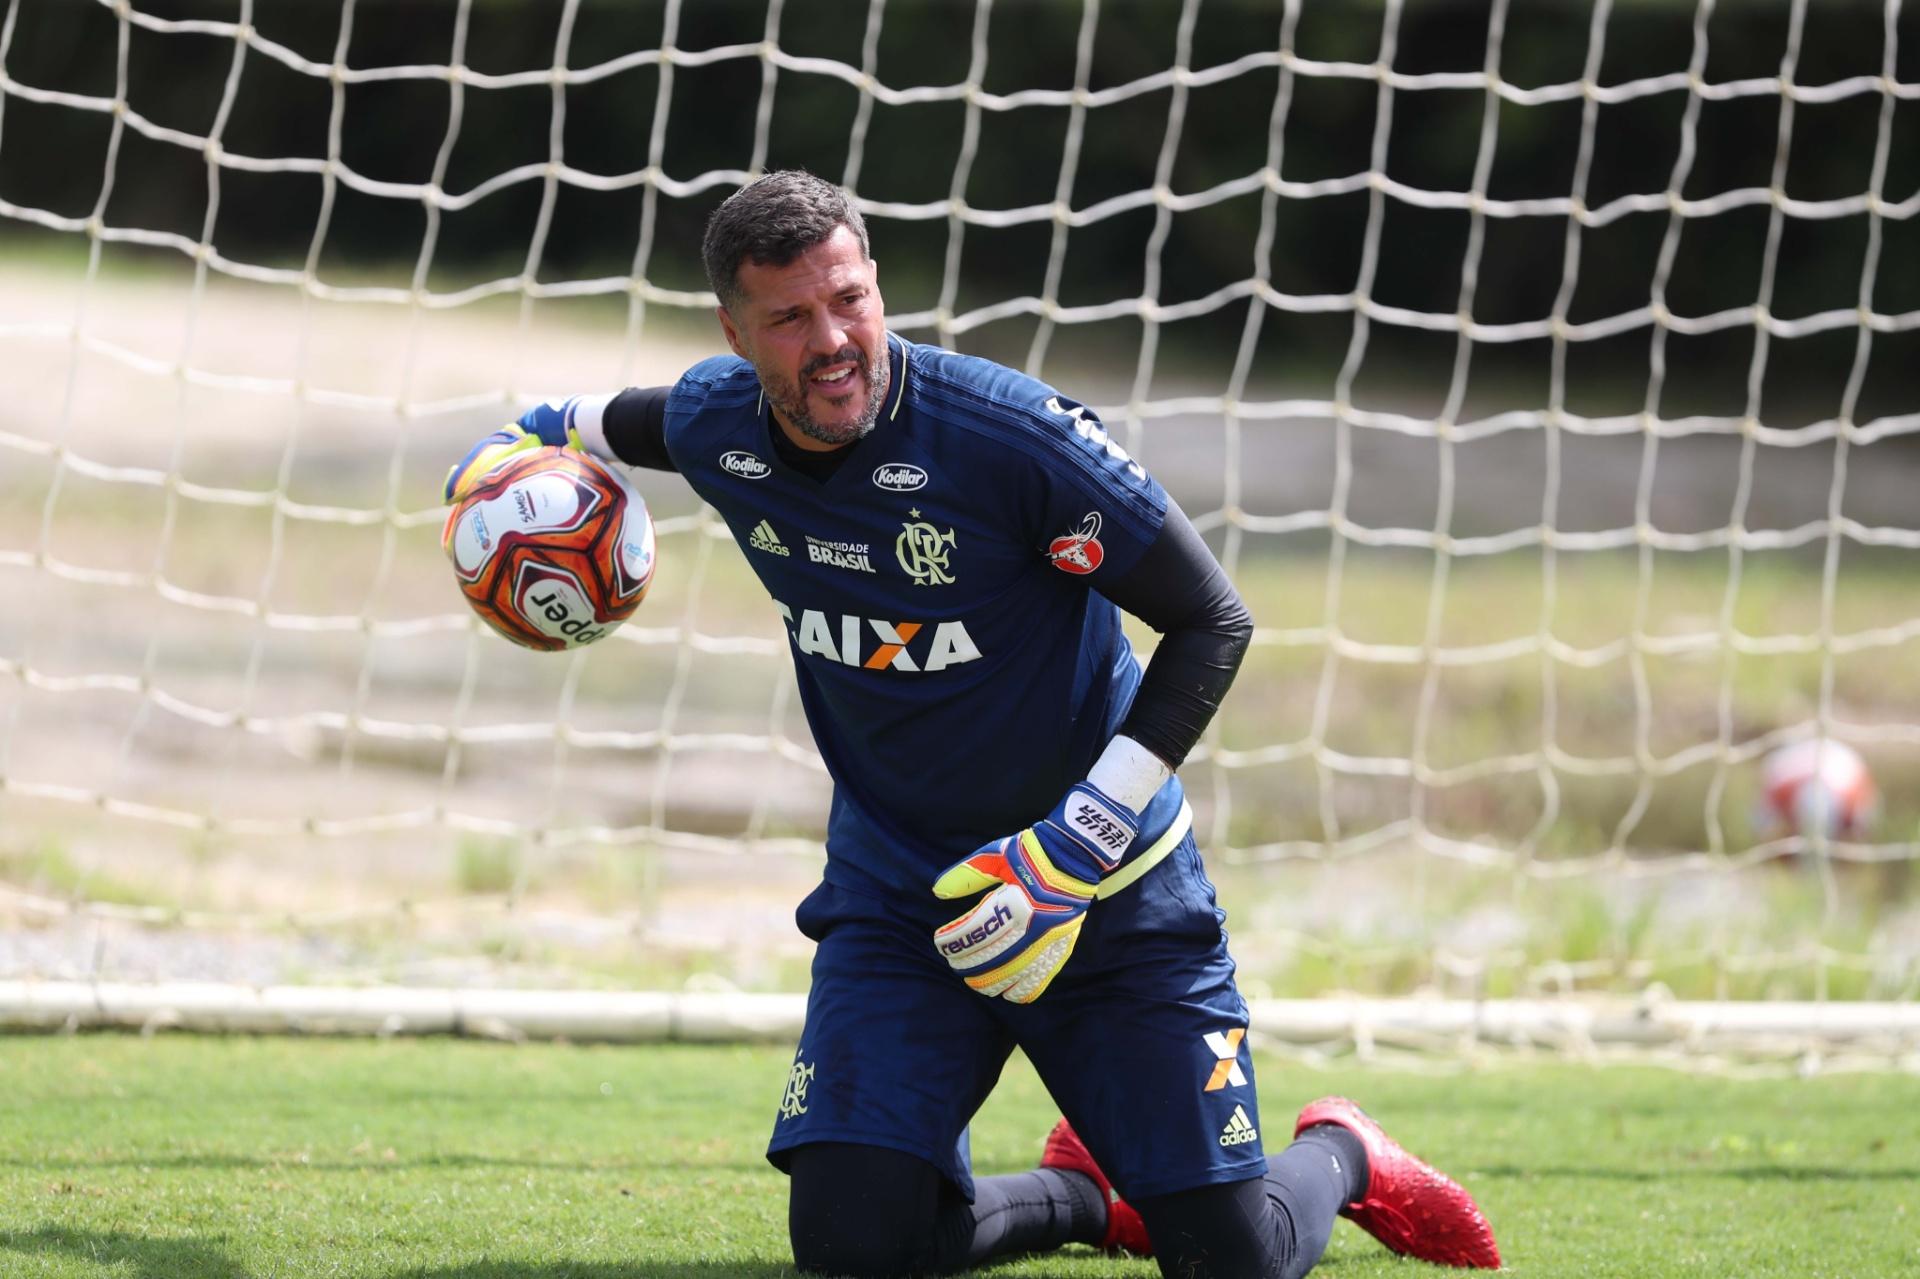 Júlio César inicia despedida e fará ao menos dois jogos pelo Flamengo -  06 03 2018 - UOL Esporte 7daeb4a40d5f6